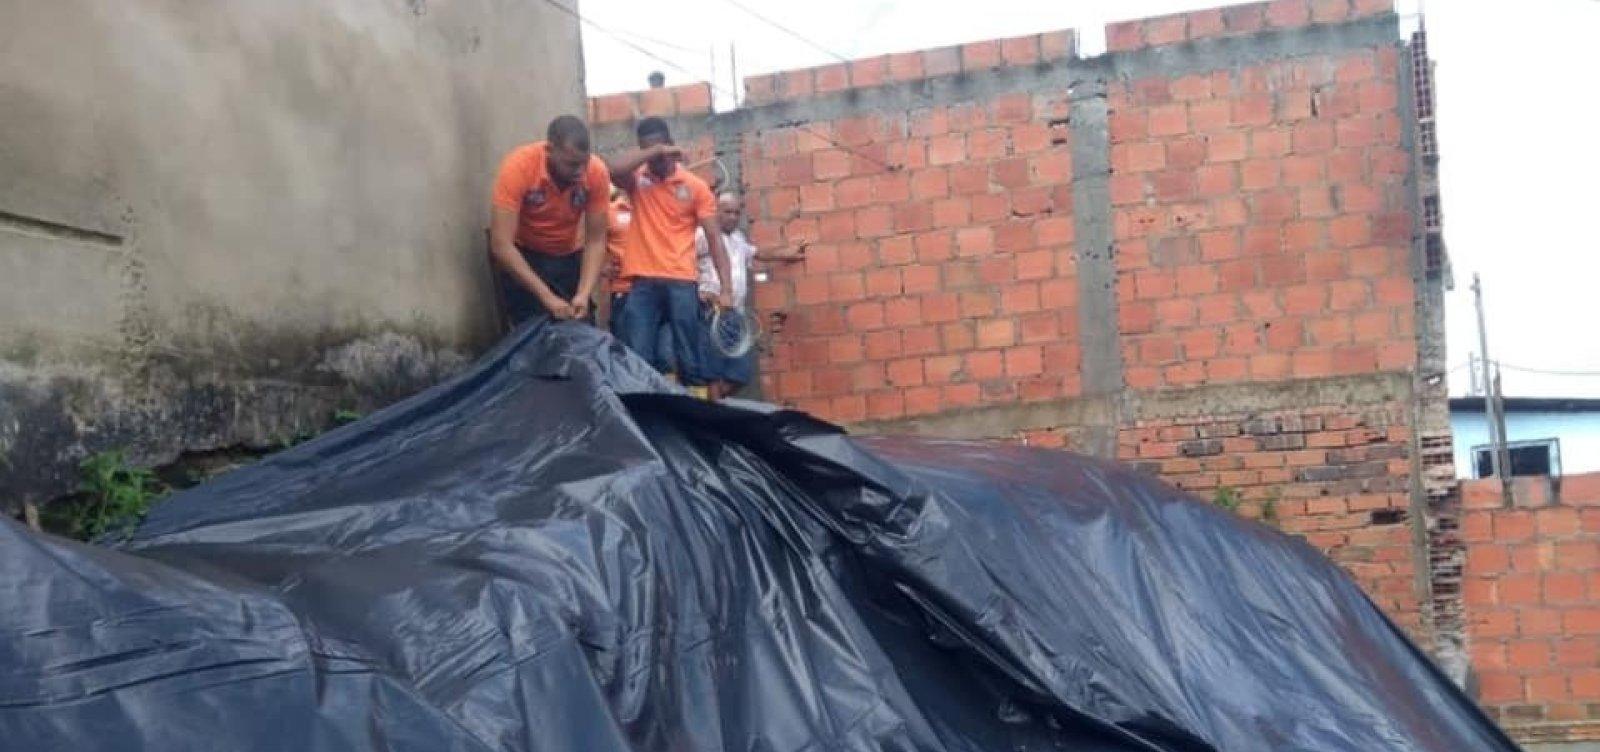 [Prefeitura de Simões Filho decreta situação de emergência após chuvas]